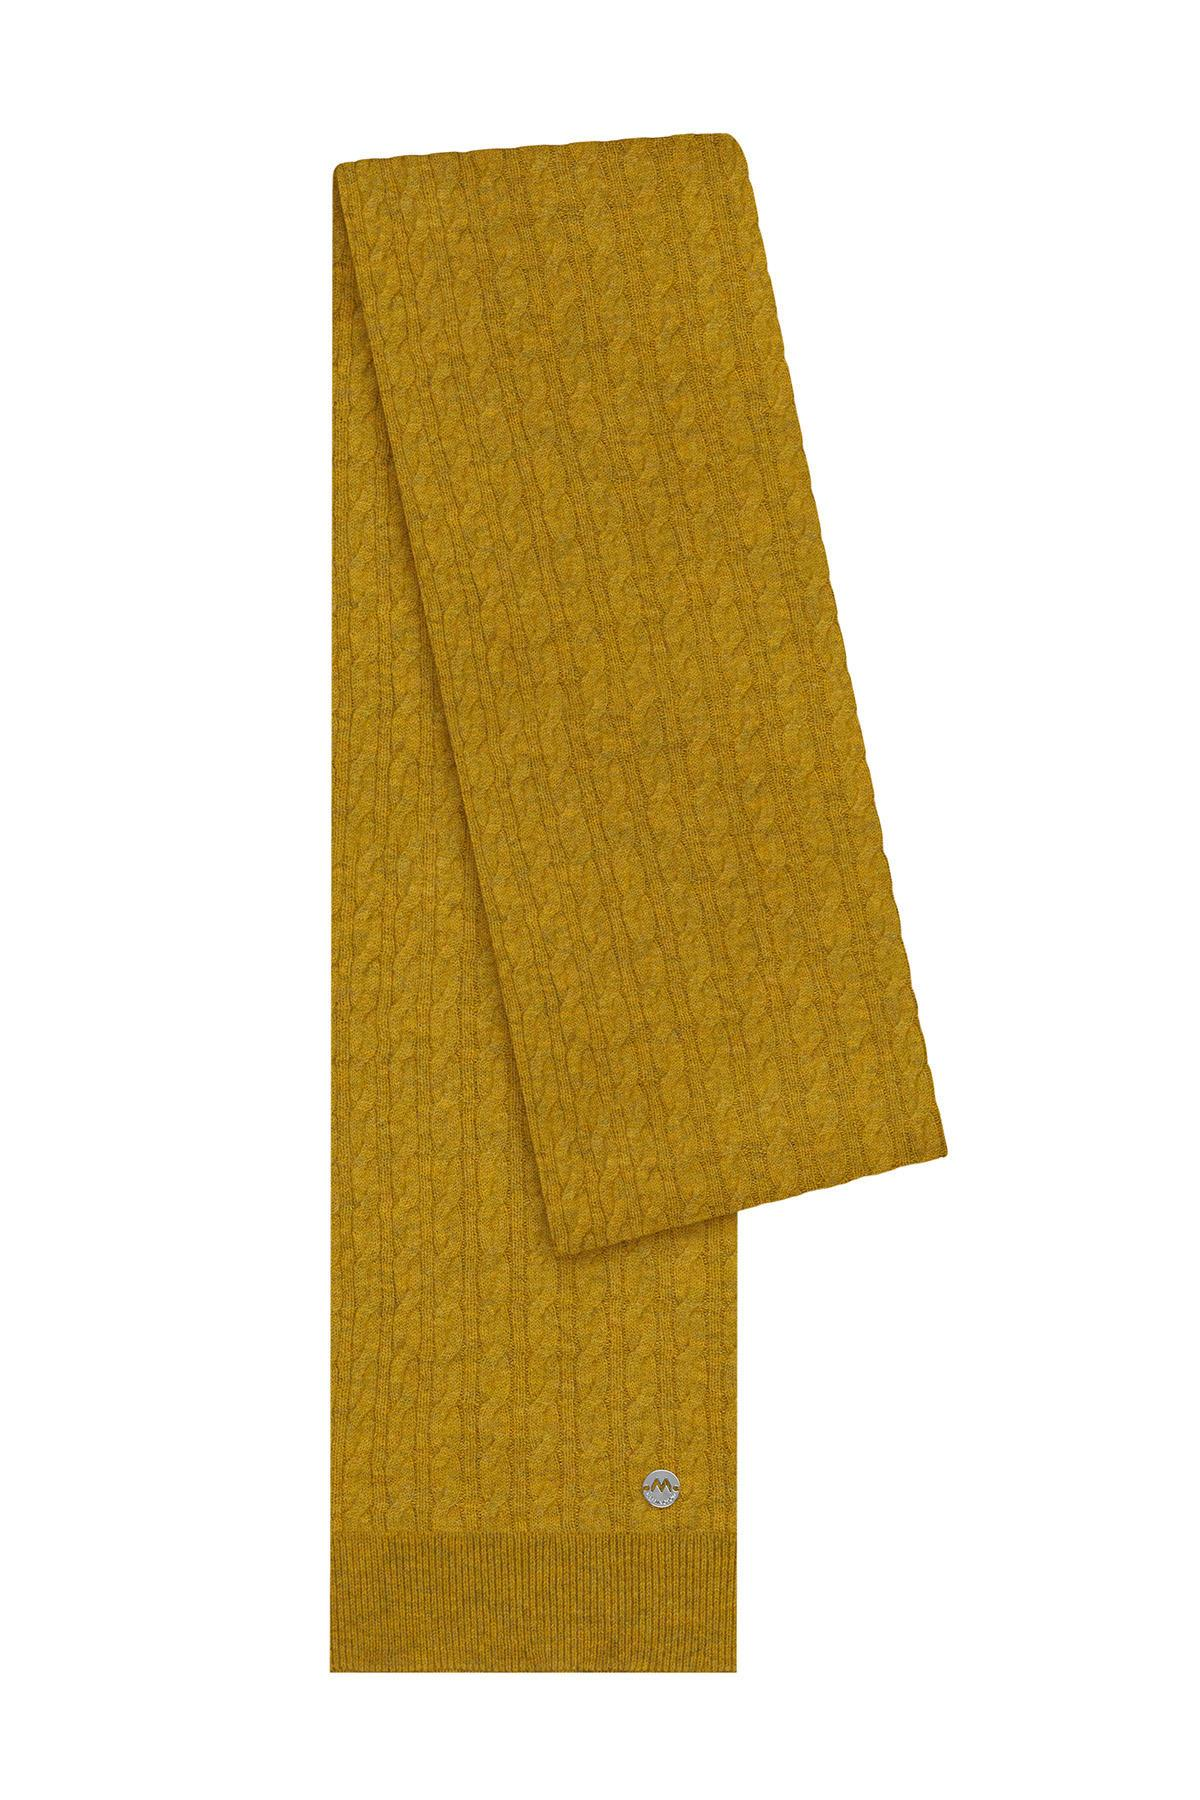 Lambswool Yün Sarı Atkı